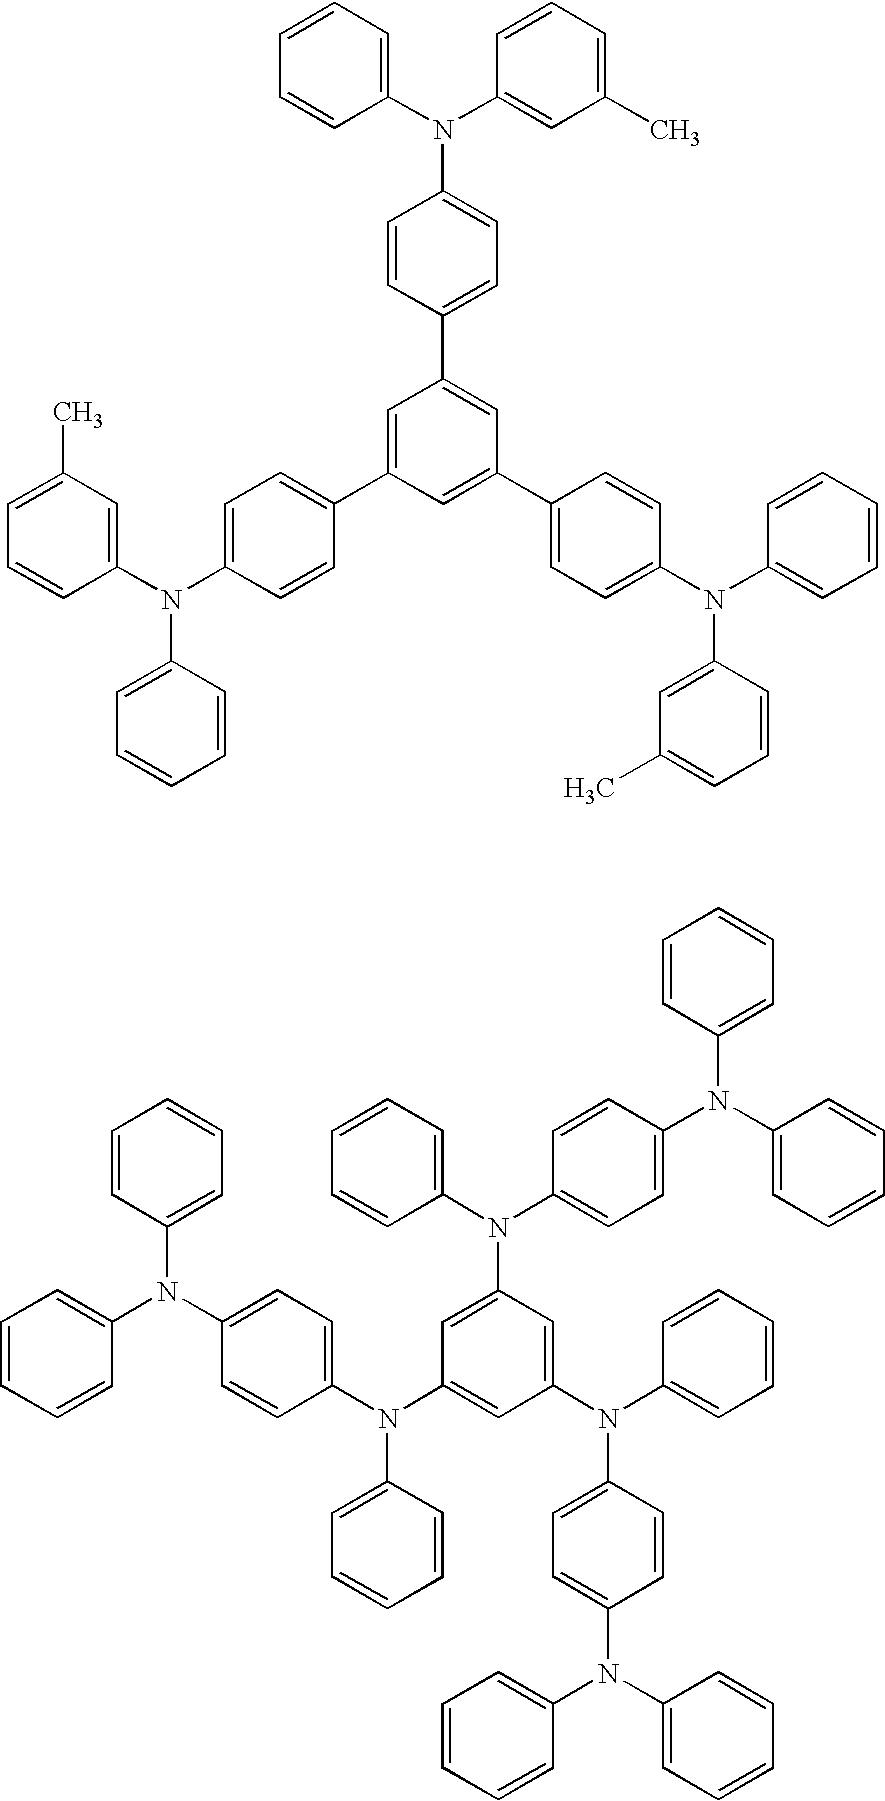 Figure US20060134464A1-20060622-C00014